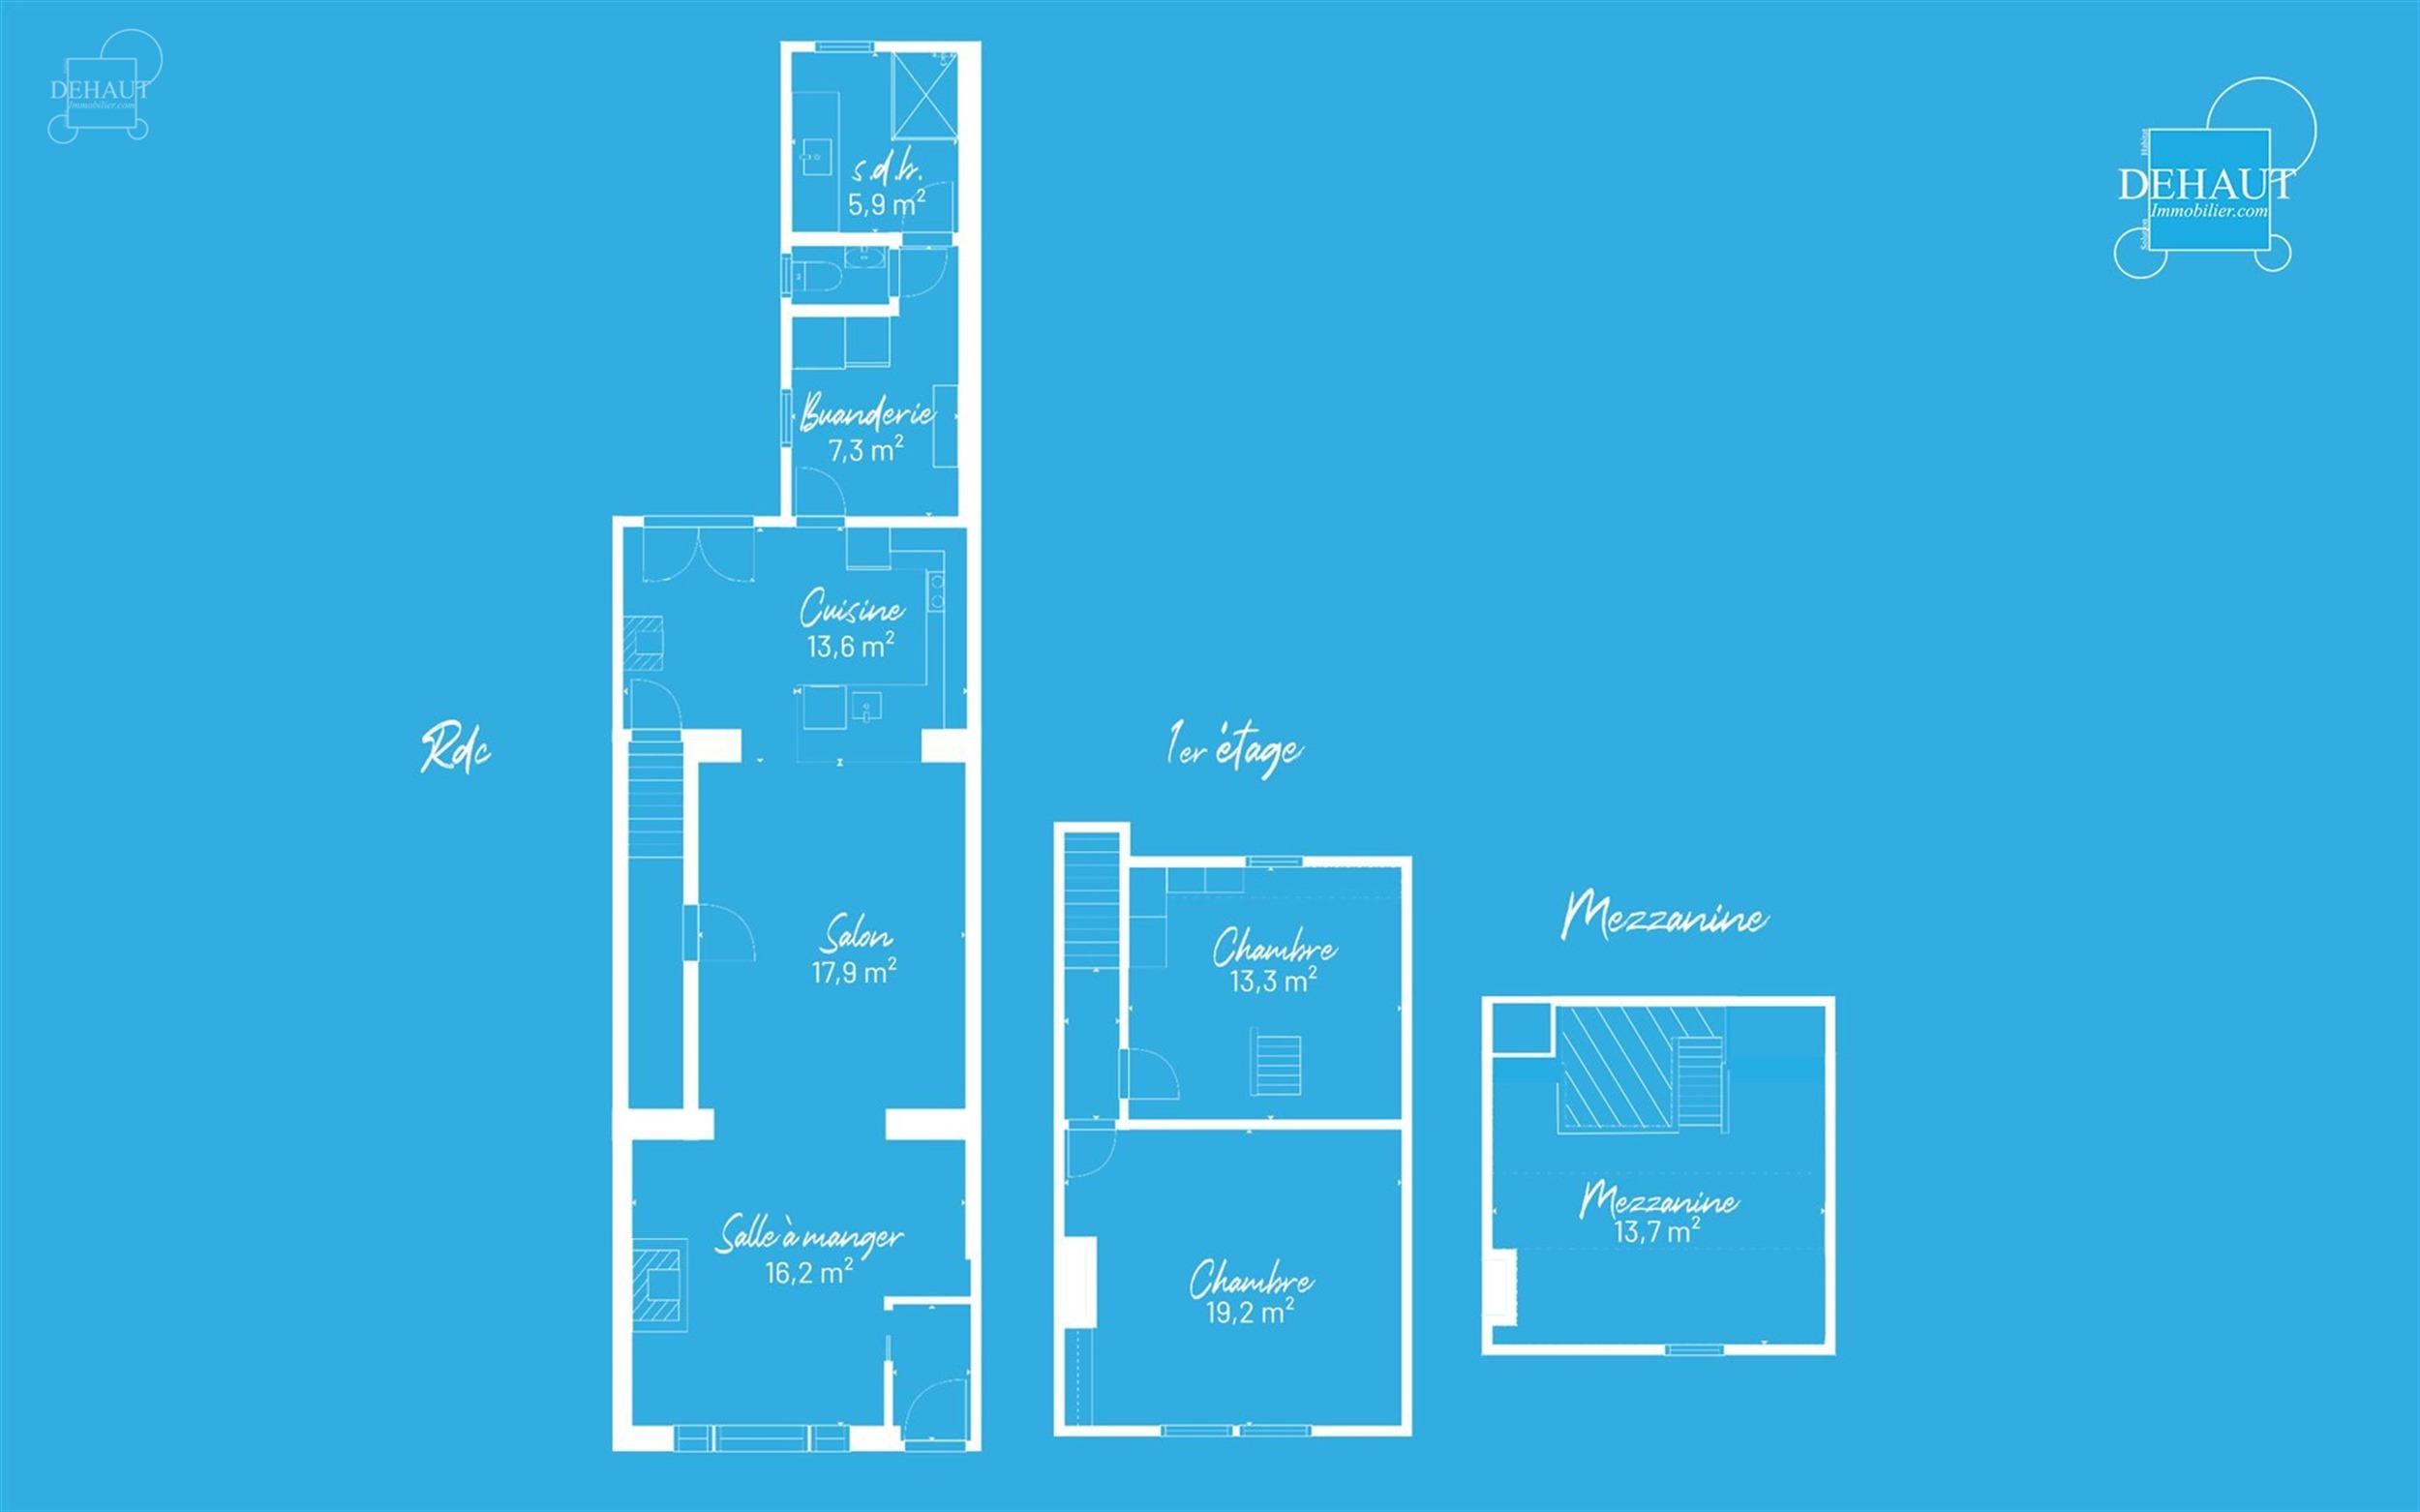 Jolie maison de ville avec garage par accès arrière située dans une rue calme et prisée. Comprend un hall d'entrée desservant un salon avec inser...